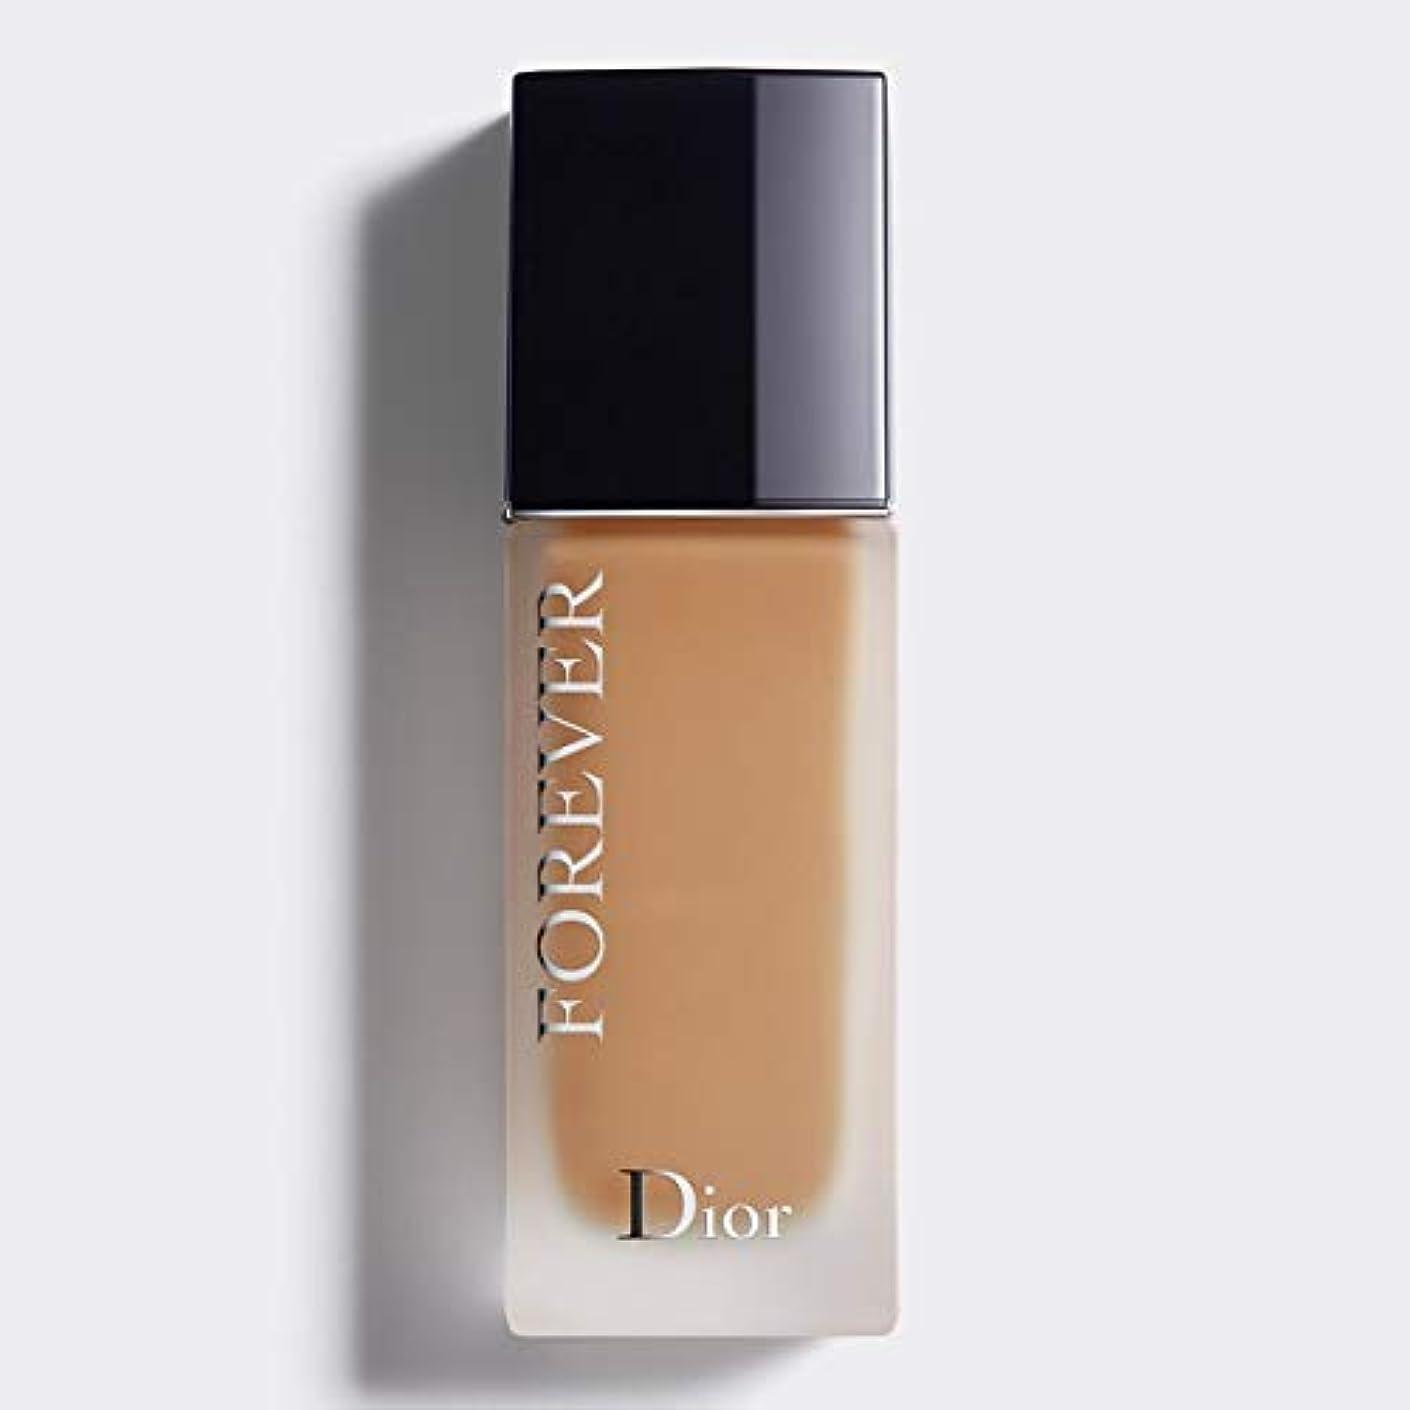 そばに想像力きらめくクリスチャンディオール Dior Forever 24H Wear High Perfection Foundation SPF 35 - # 4W (Warm) 30ml/1oz並行輸入品